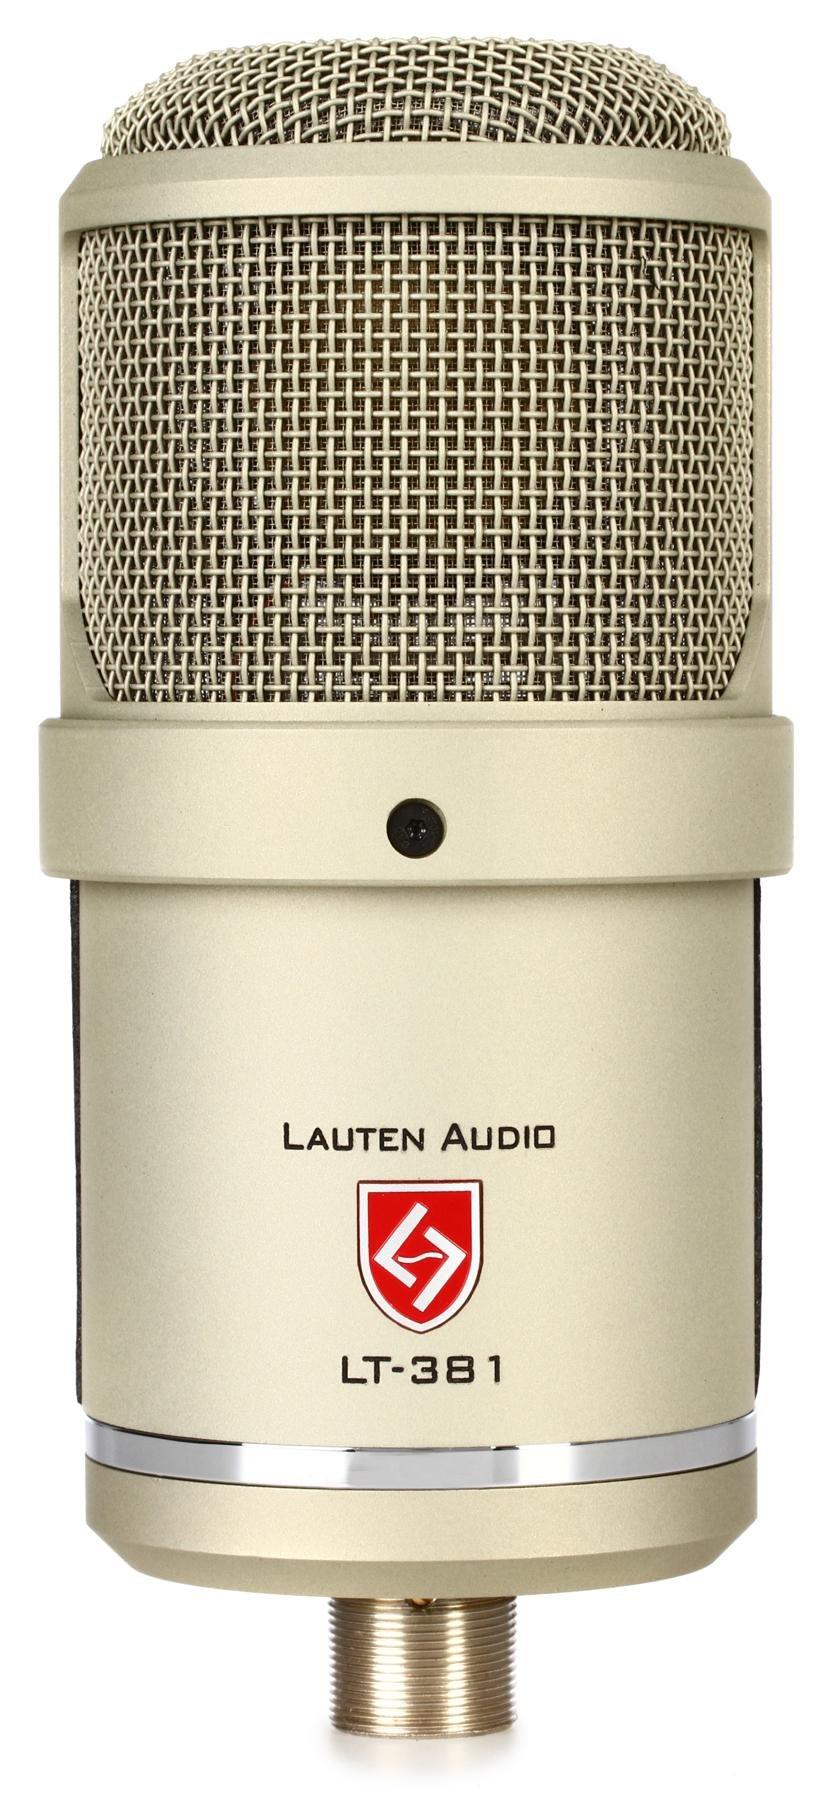 Lauten Audio Oceanus Lt 381 Large Diaphragm Tube Condenser Microphone Diagram Construction Image 1